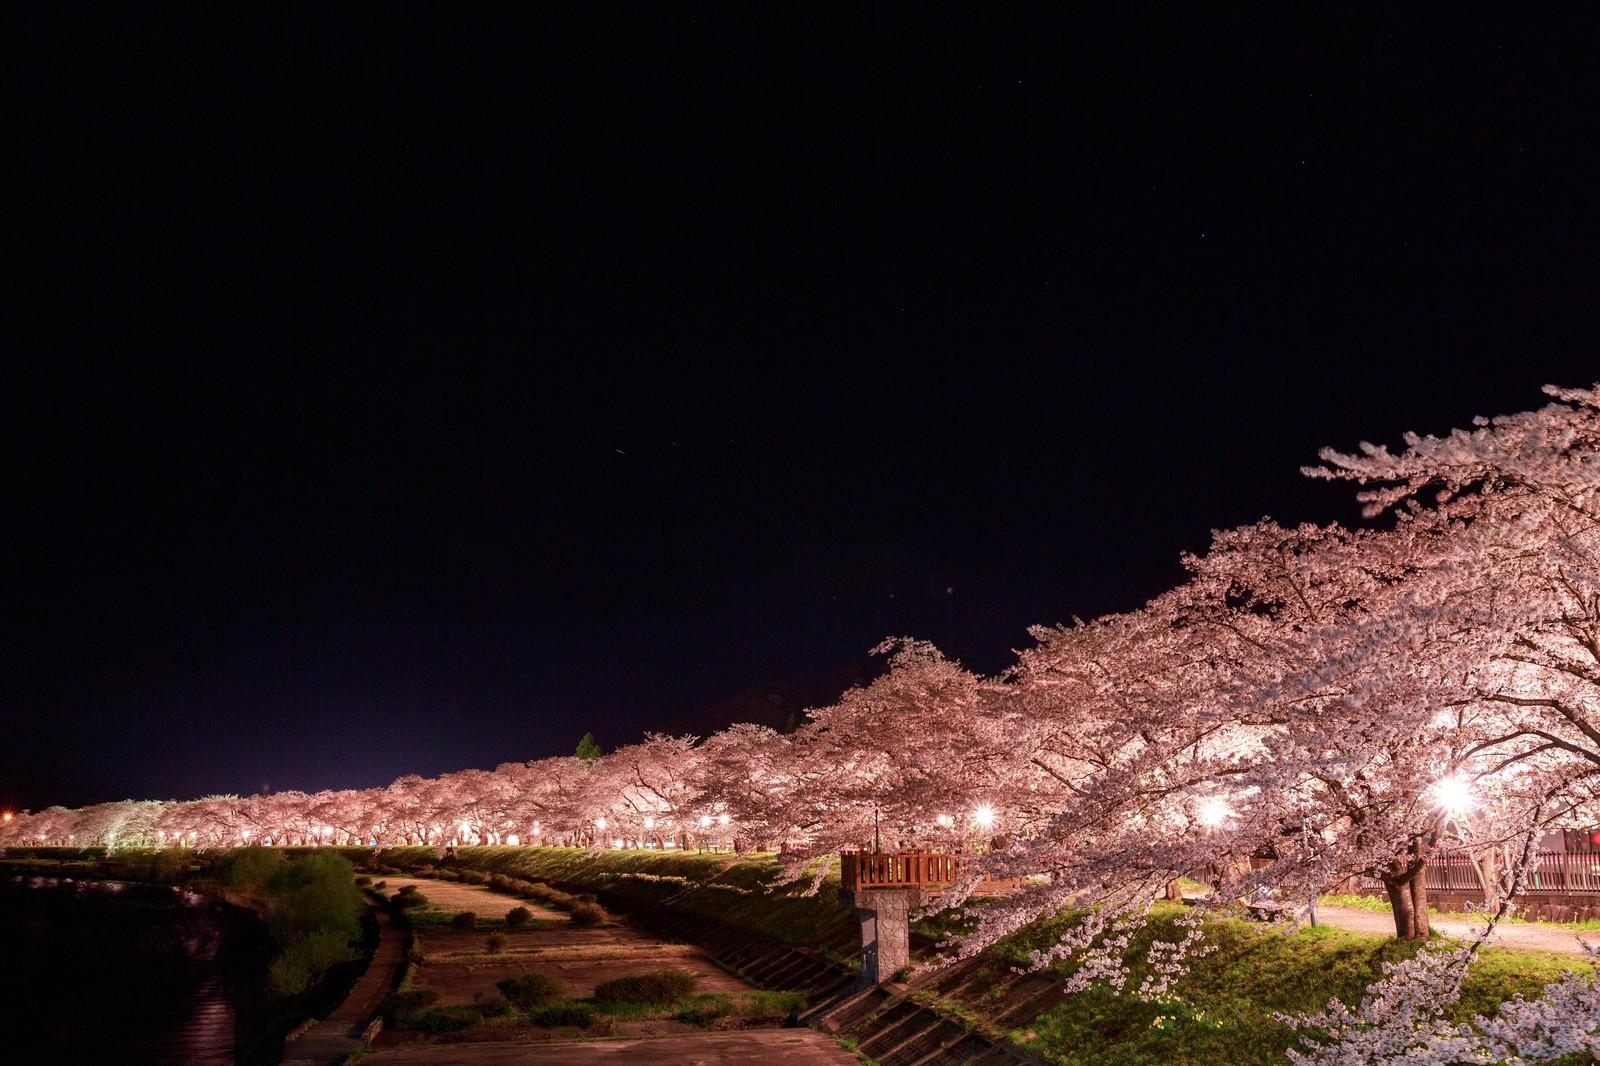 桜開花の期間は?予想とおすすめスポット